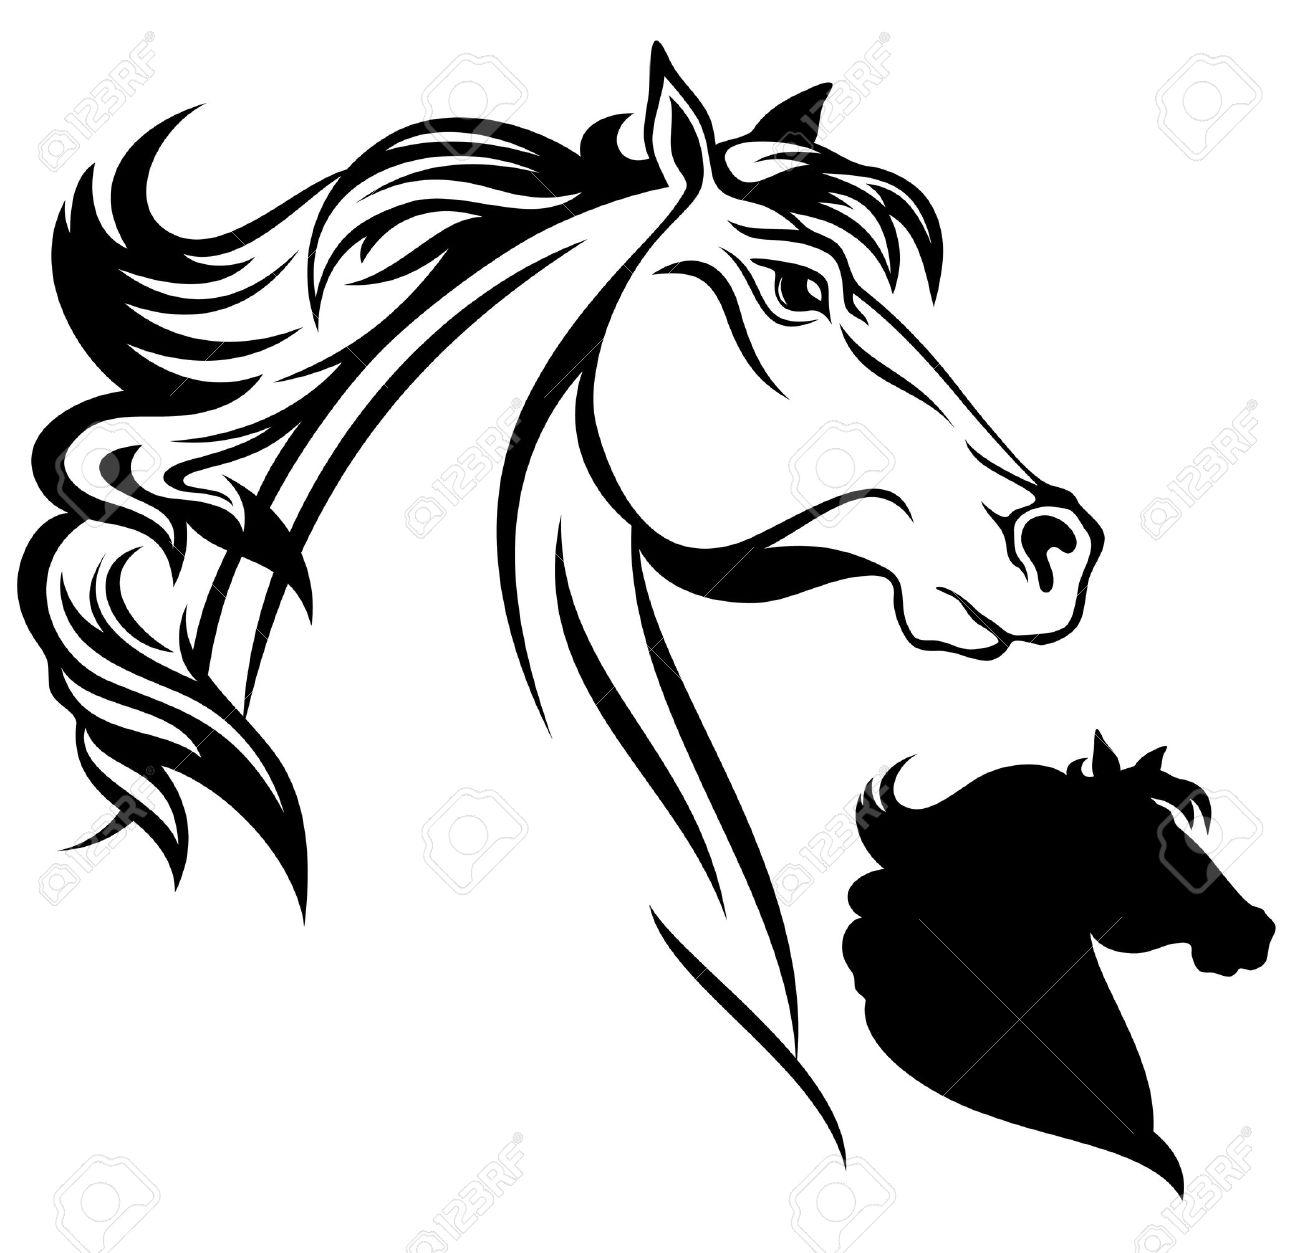 horse head vector royalty free cliparts vectors and stock rh 123rf com horse head vector free download horse head vector png